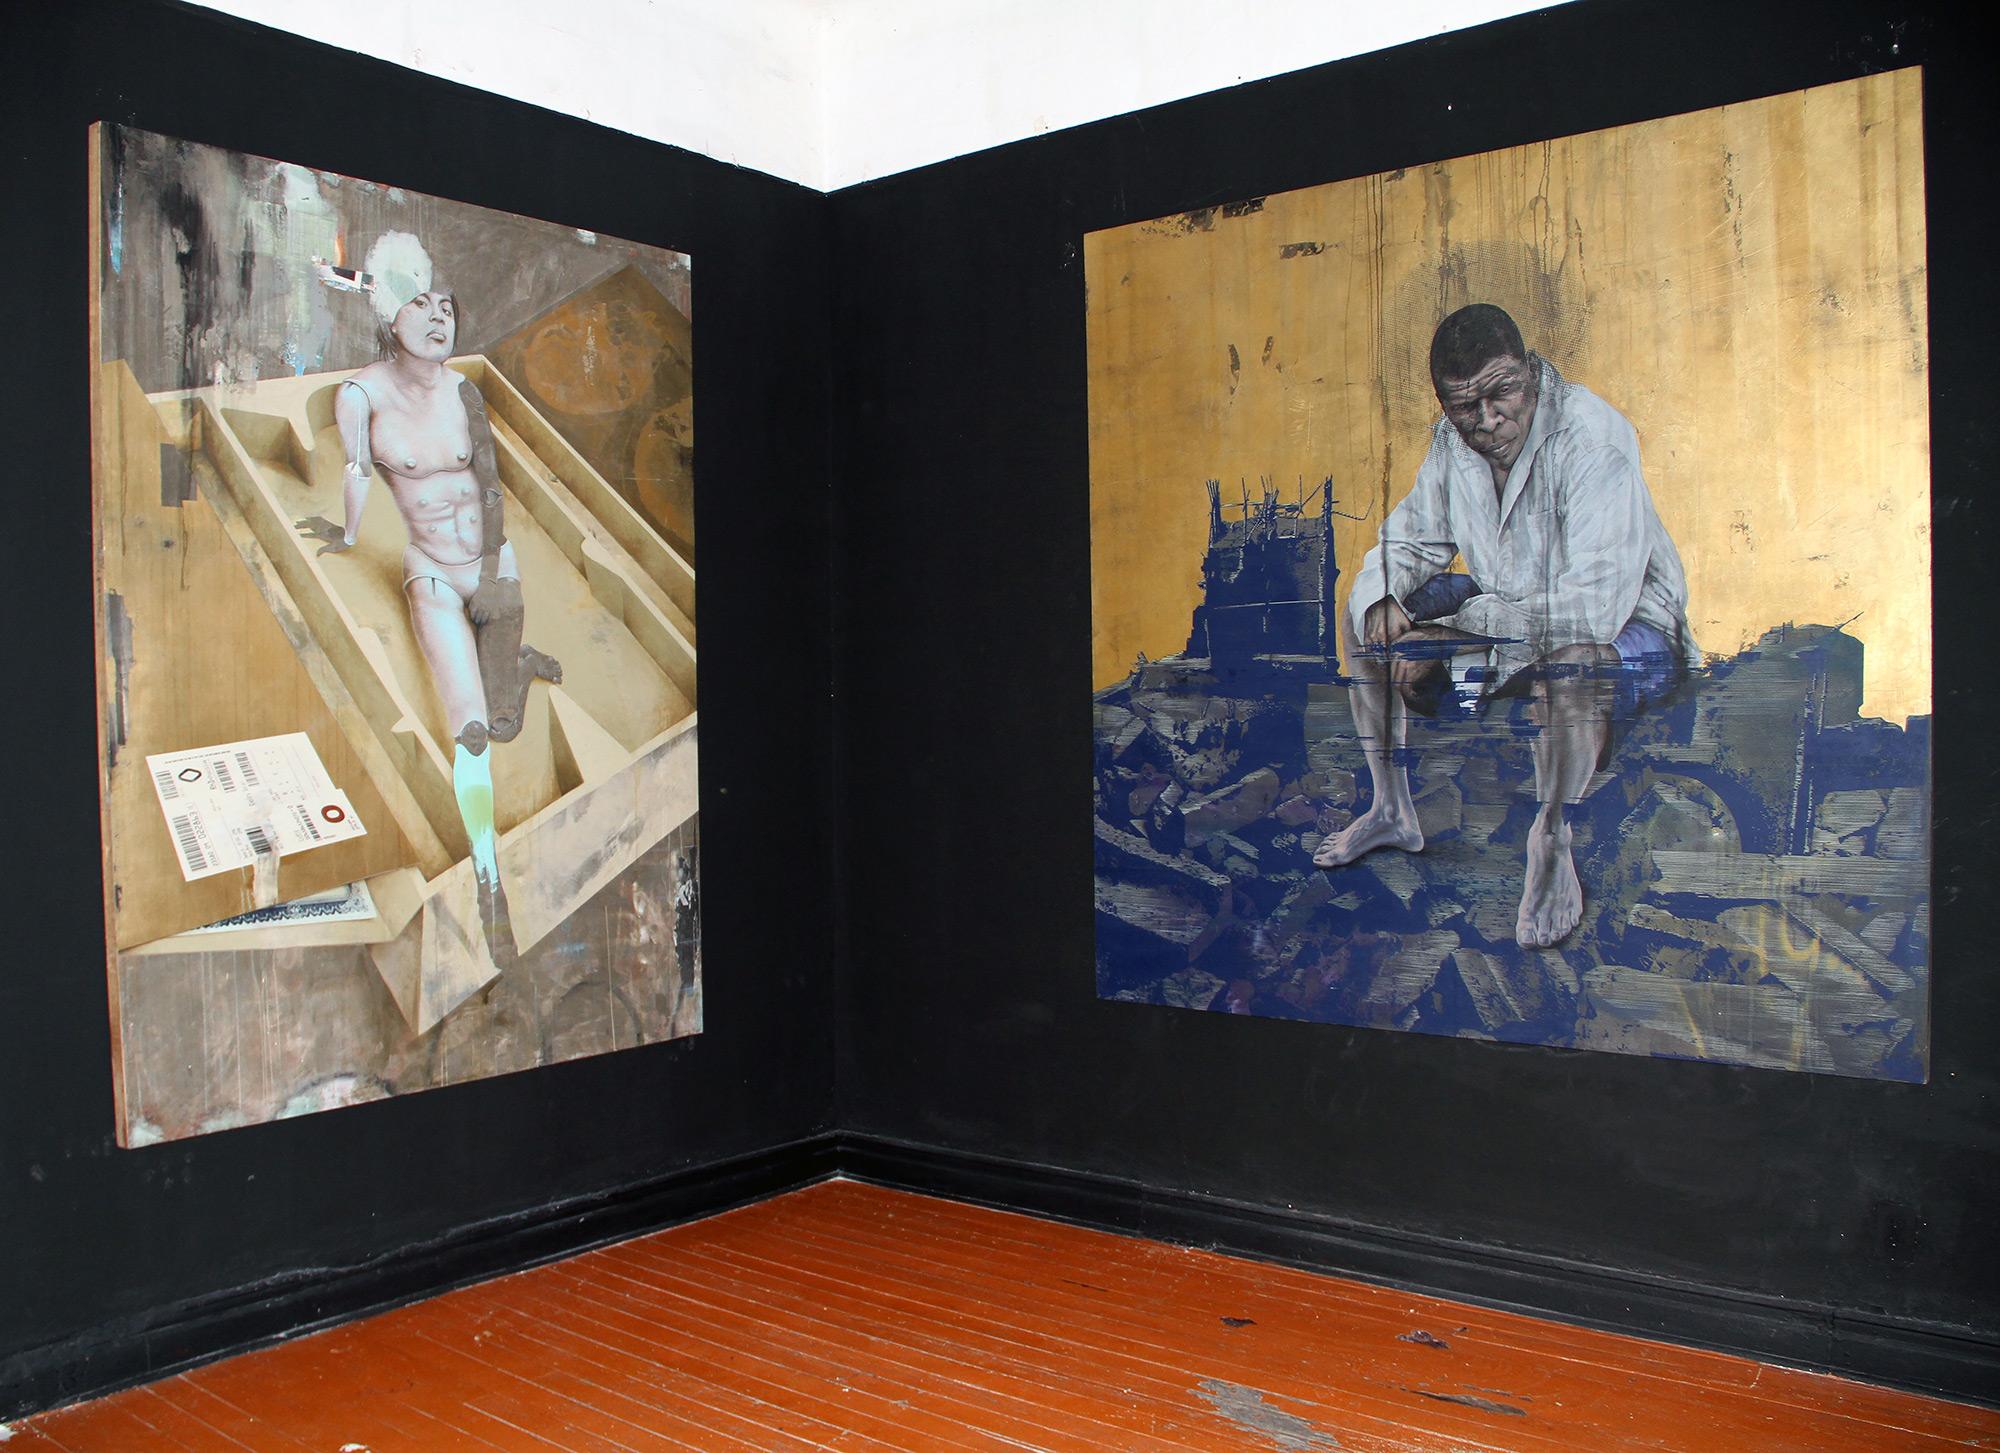 1-Arte-Capomo-De-Allá-art-work